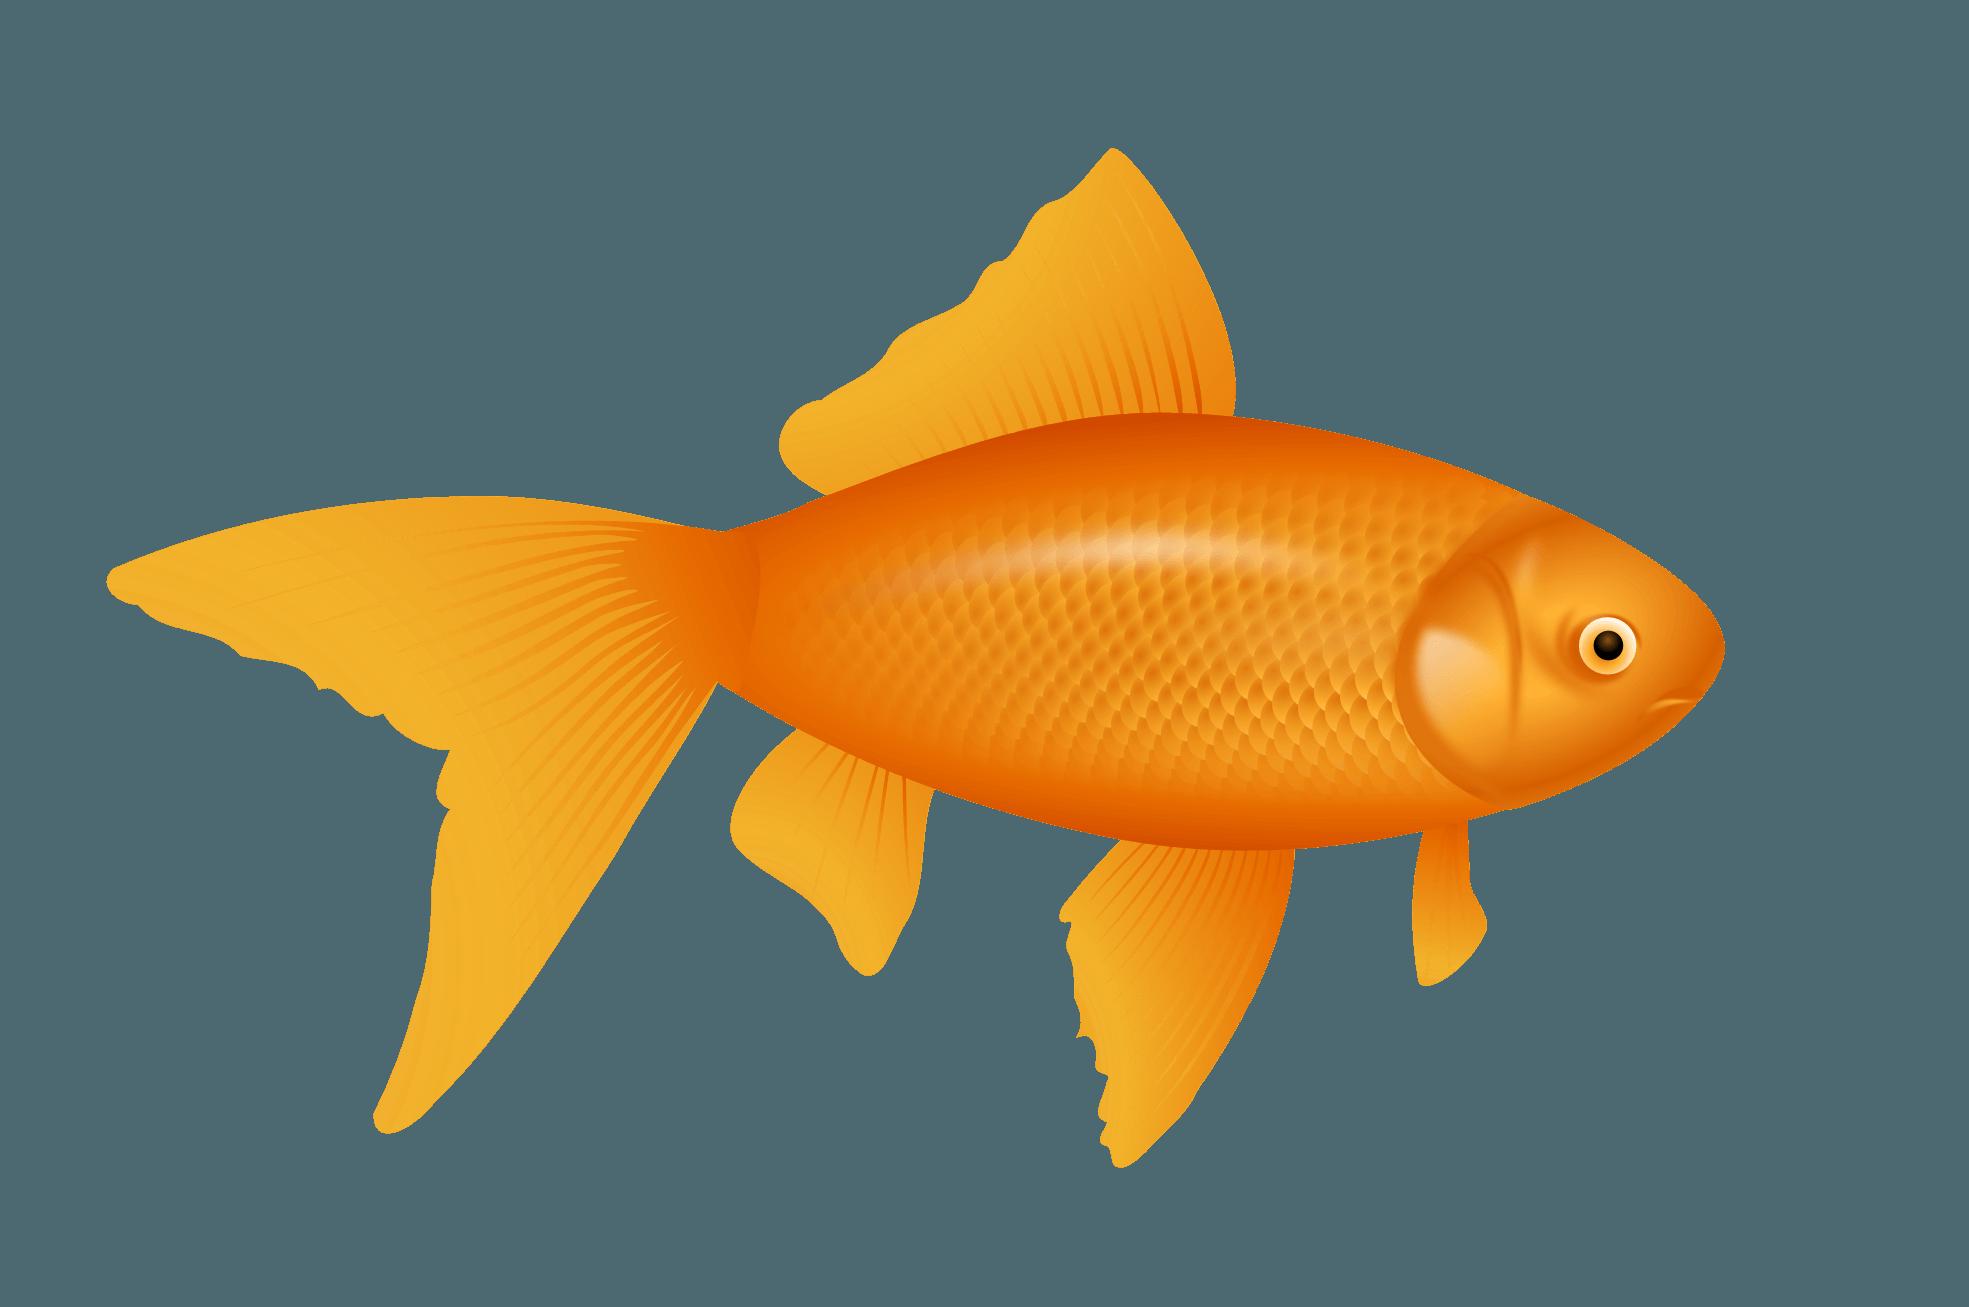 Small Fish PNG HD - 146651